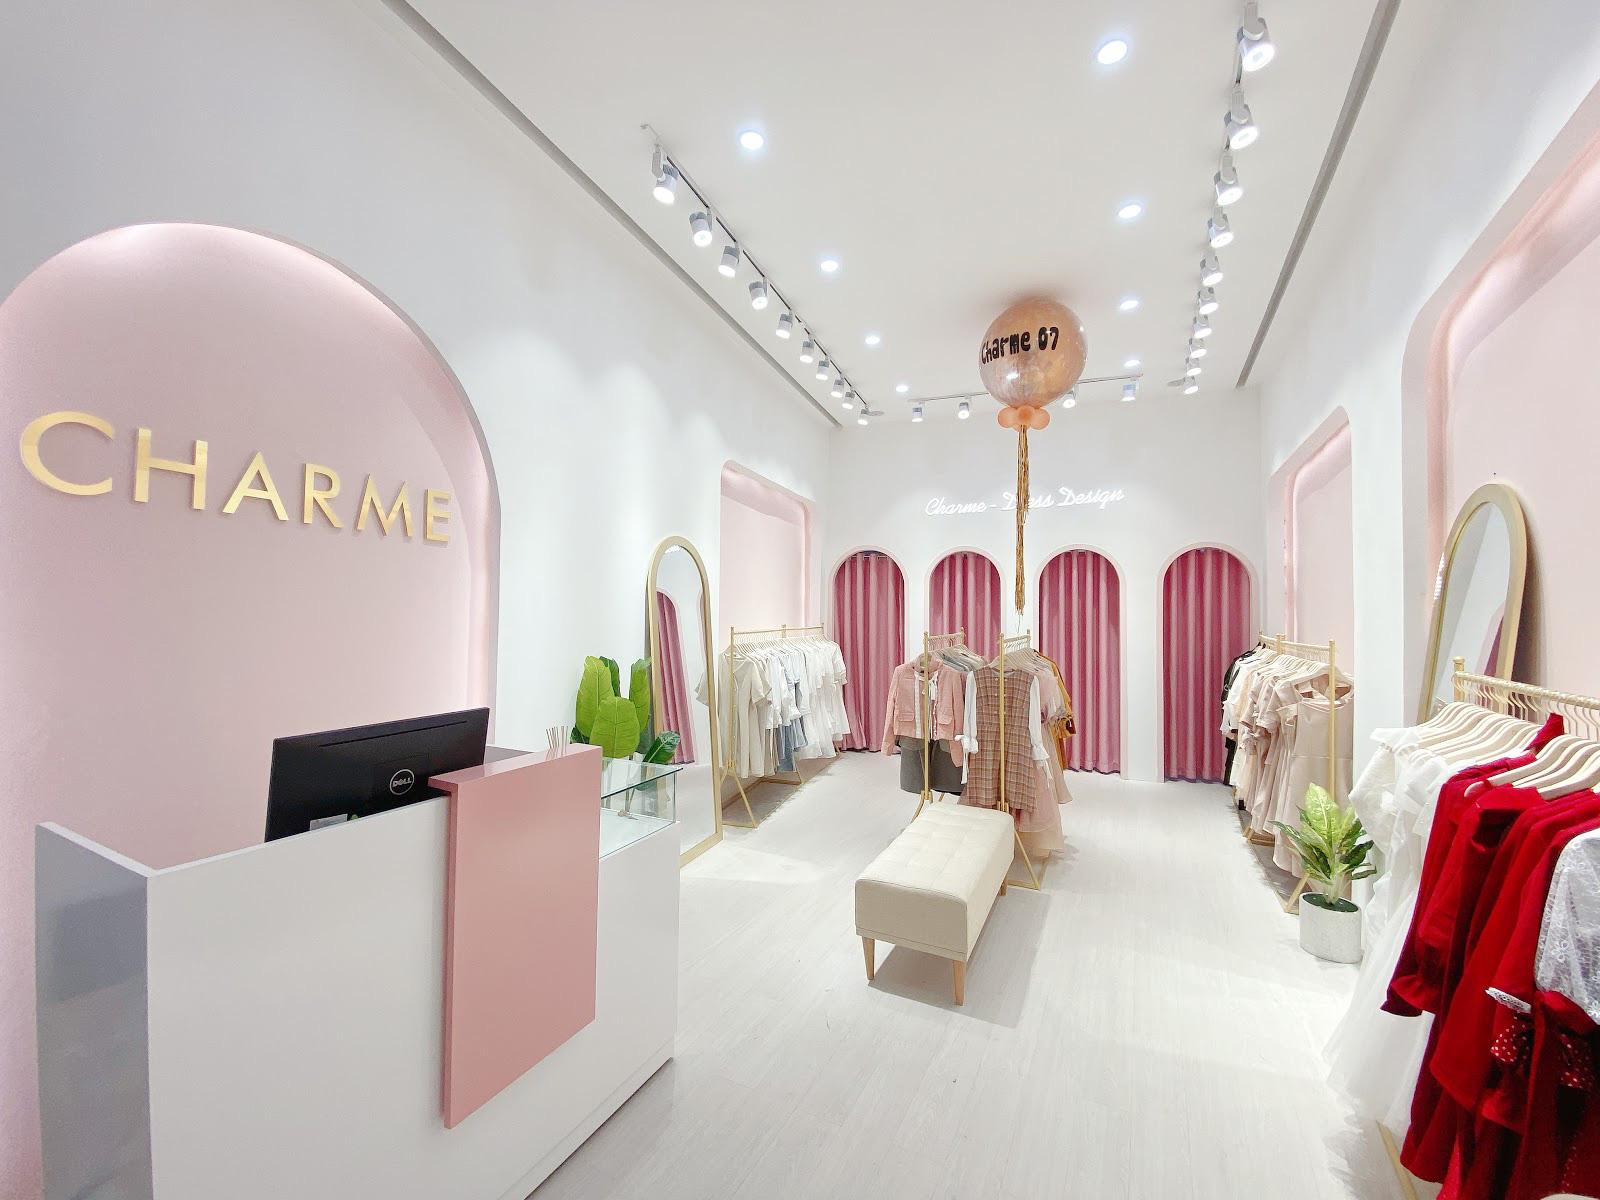 Charme Store - Thương hiệu váy công chúa làm điên đảo giới trẻ Hà thành - Ảnh 1.